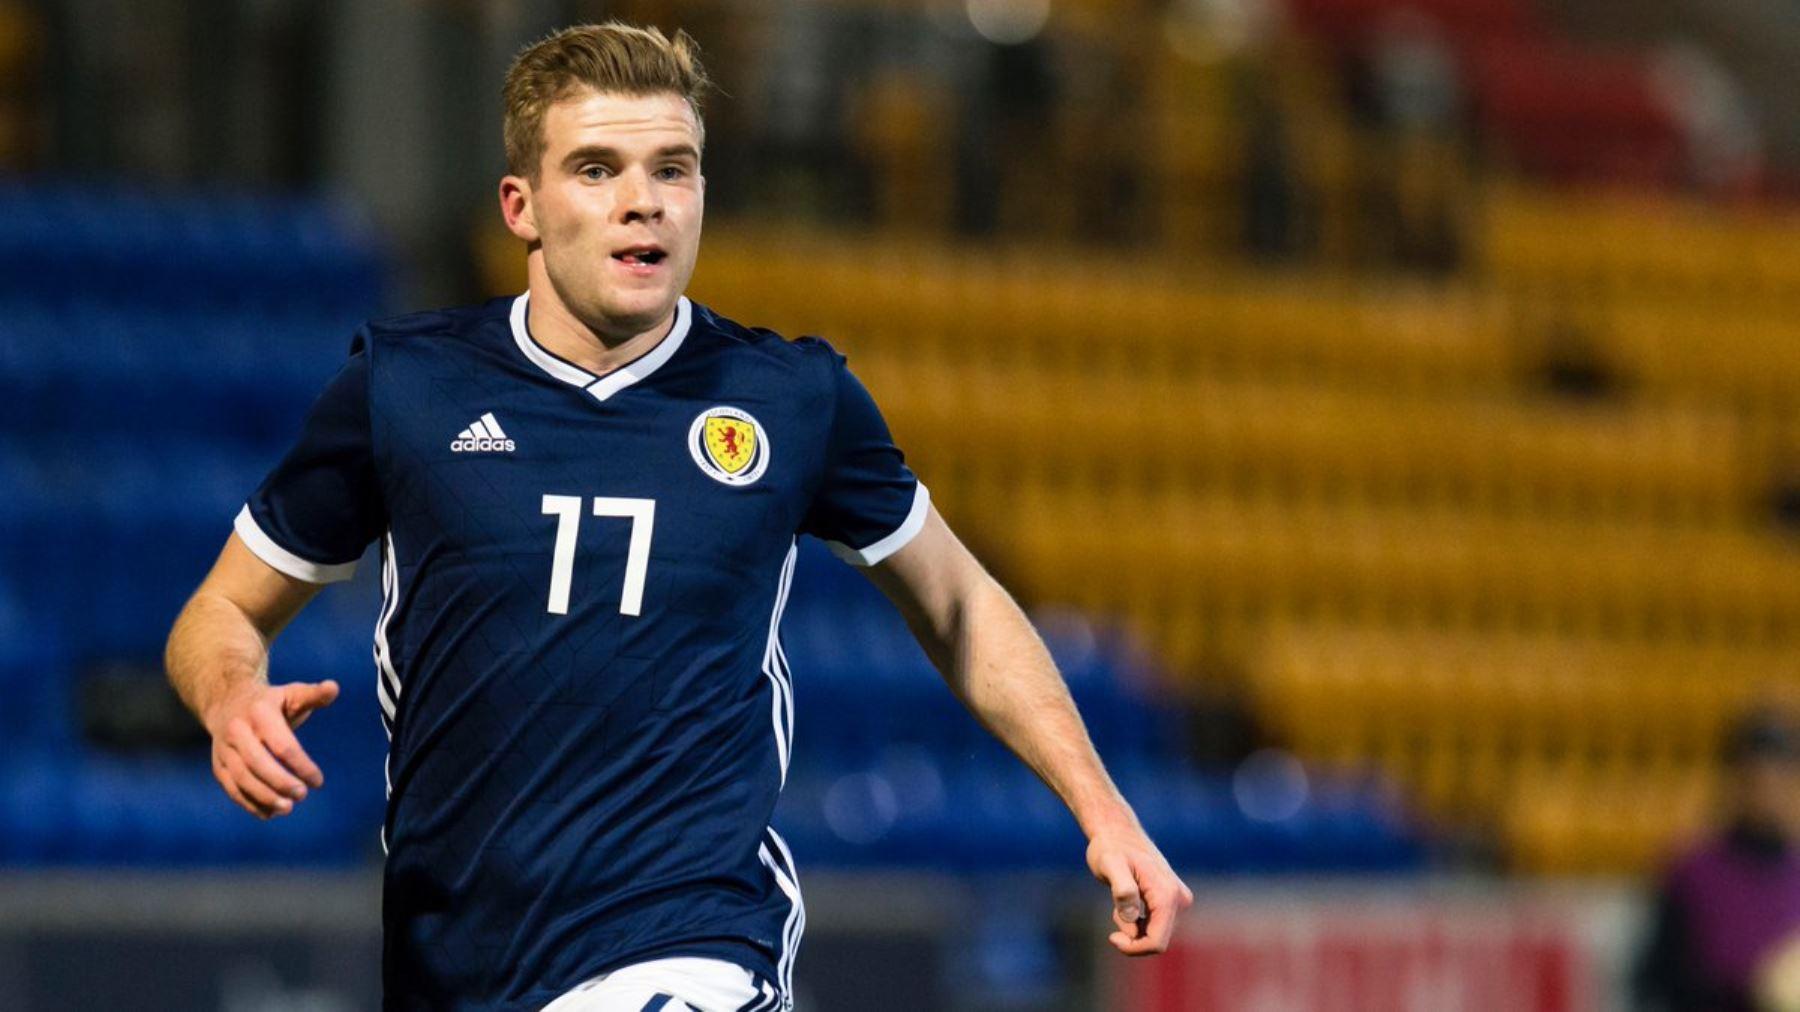 Chris Cadden es una de las piezas claves en la escuadra de Escocia